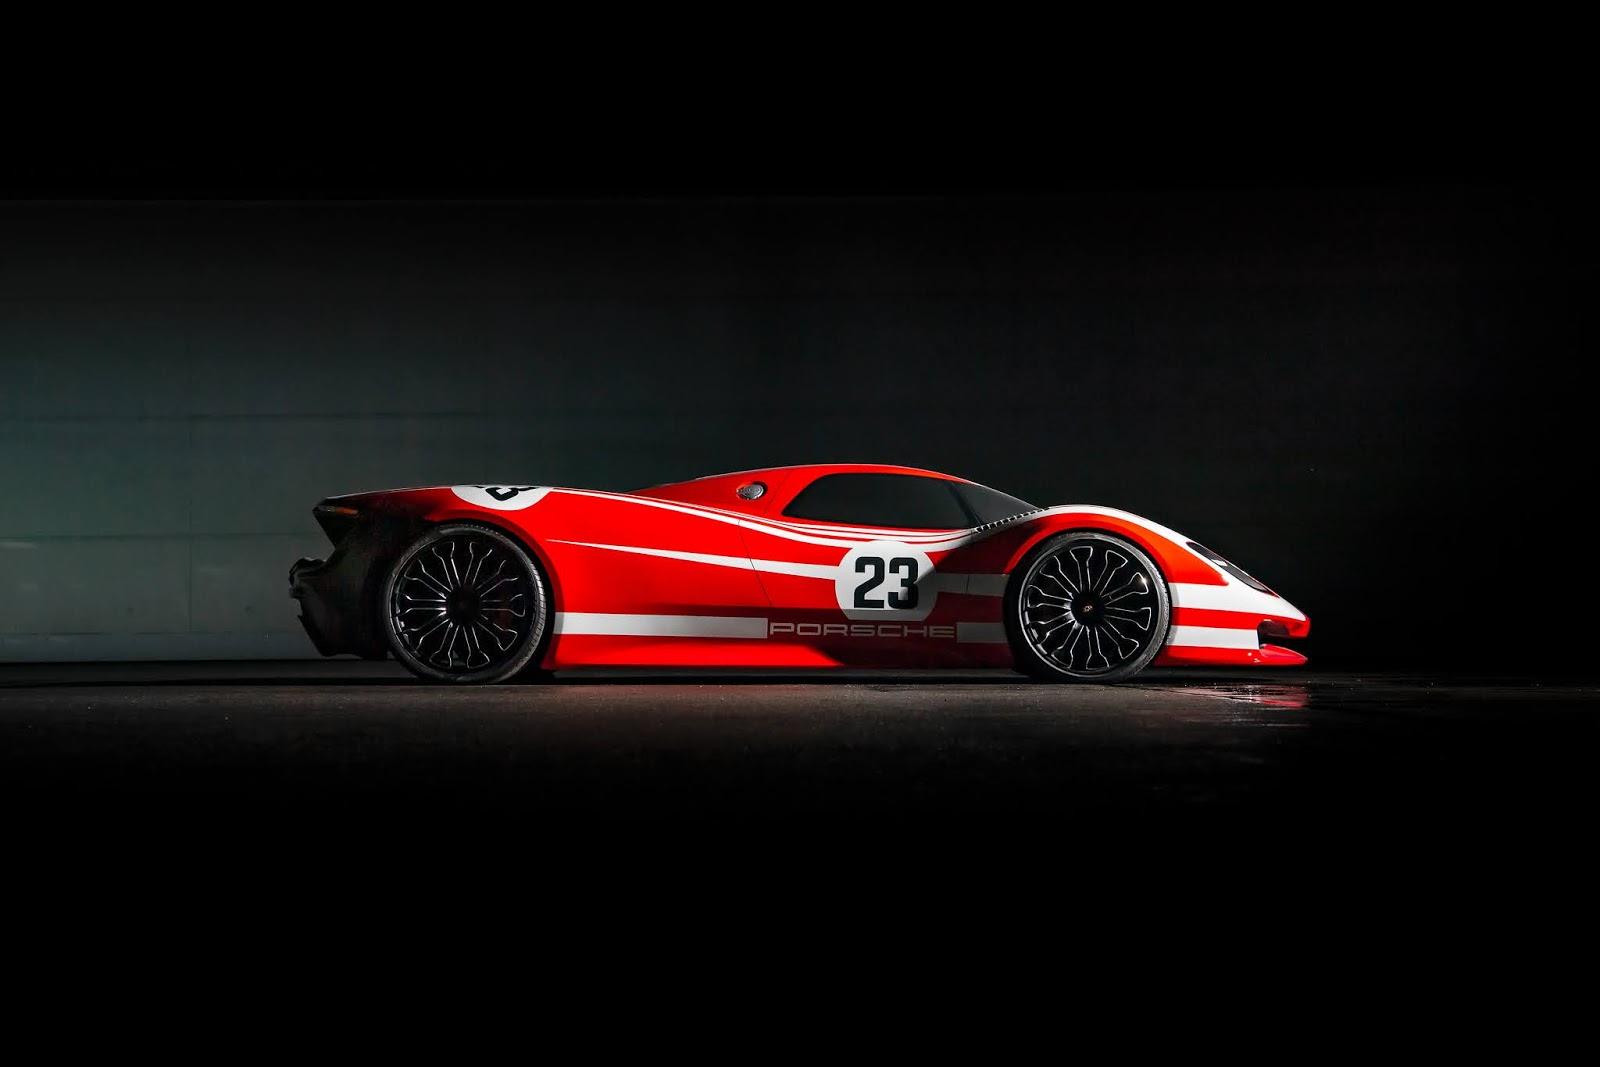 POR2094 2 Τα άγνωστα Hypercars της Porsche hypercar, Porsche, Porsche Unseen, Sunday, supercar, supercars, zblog, ειδήσεις